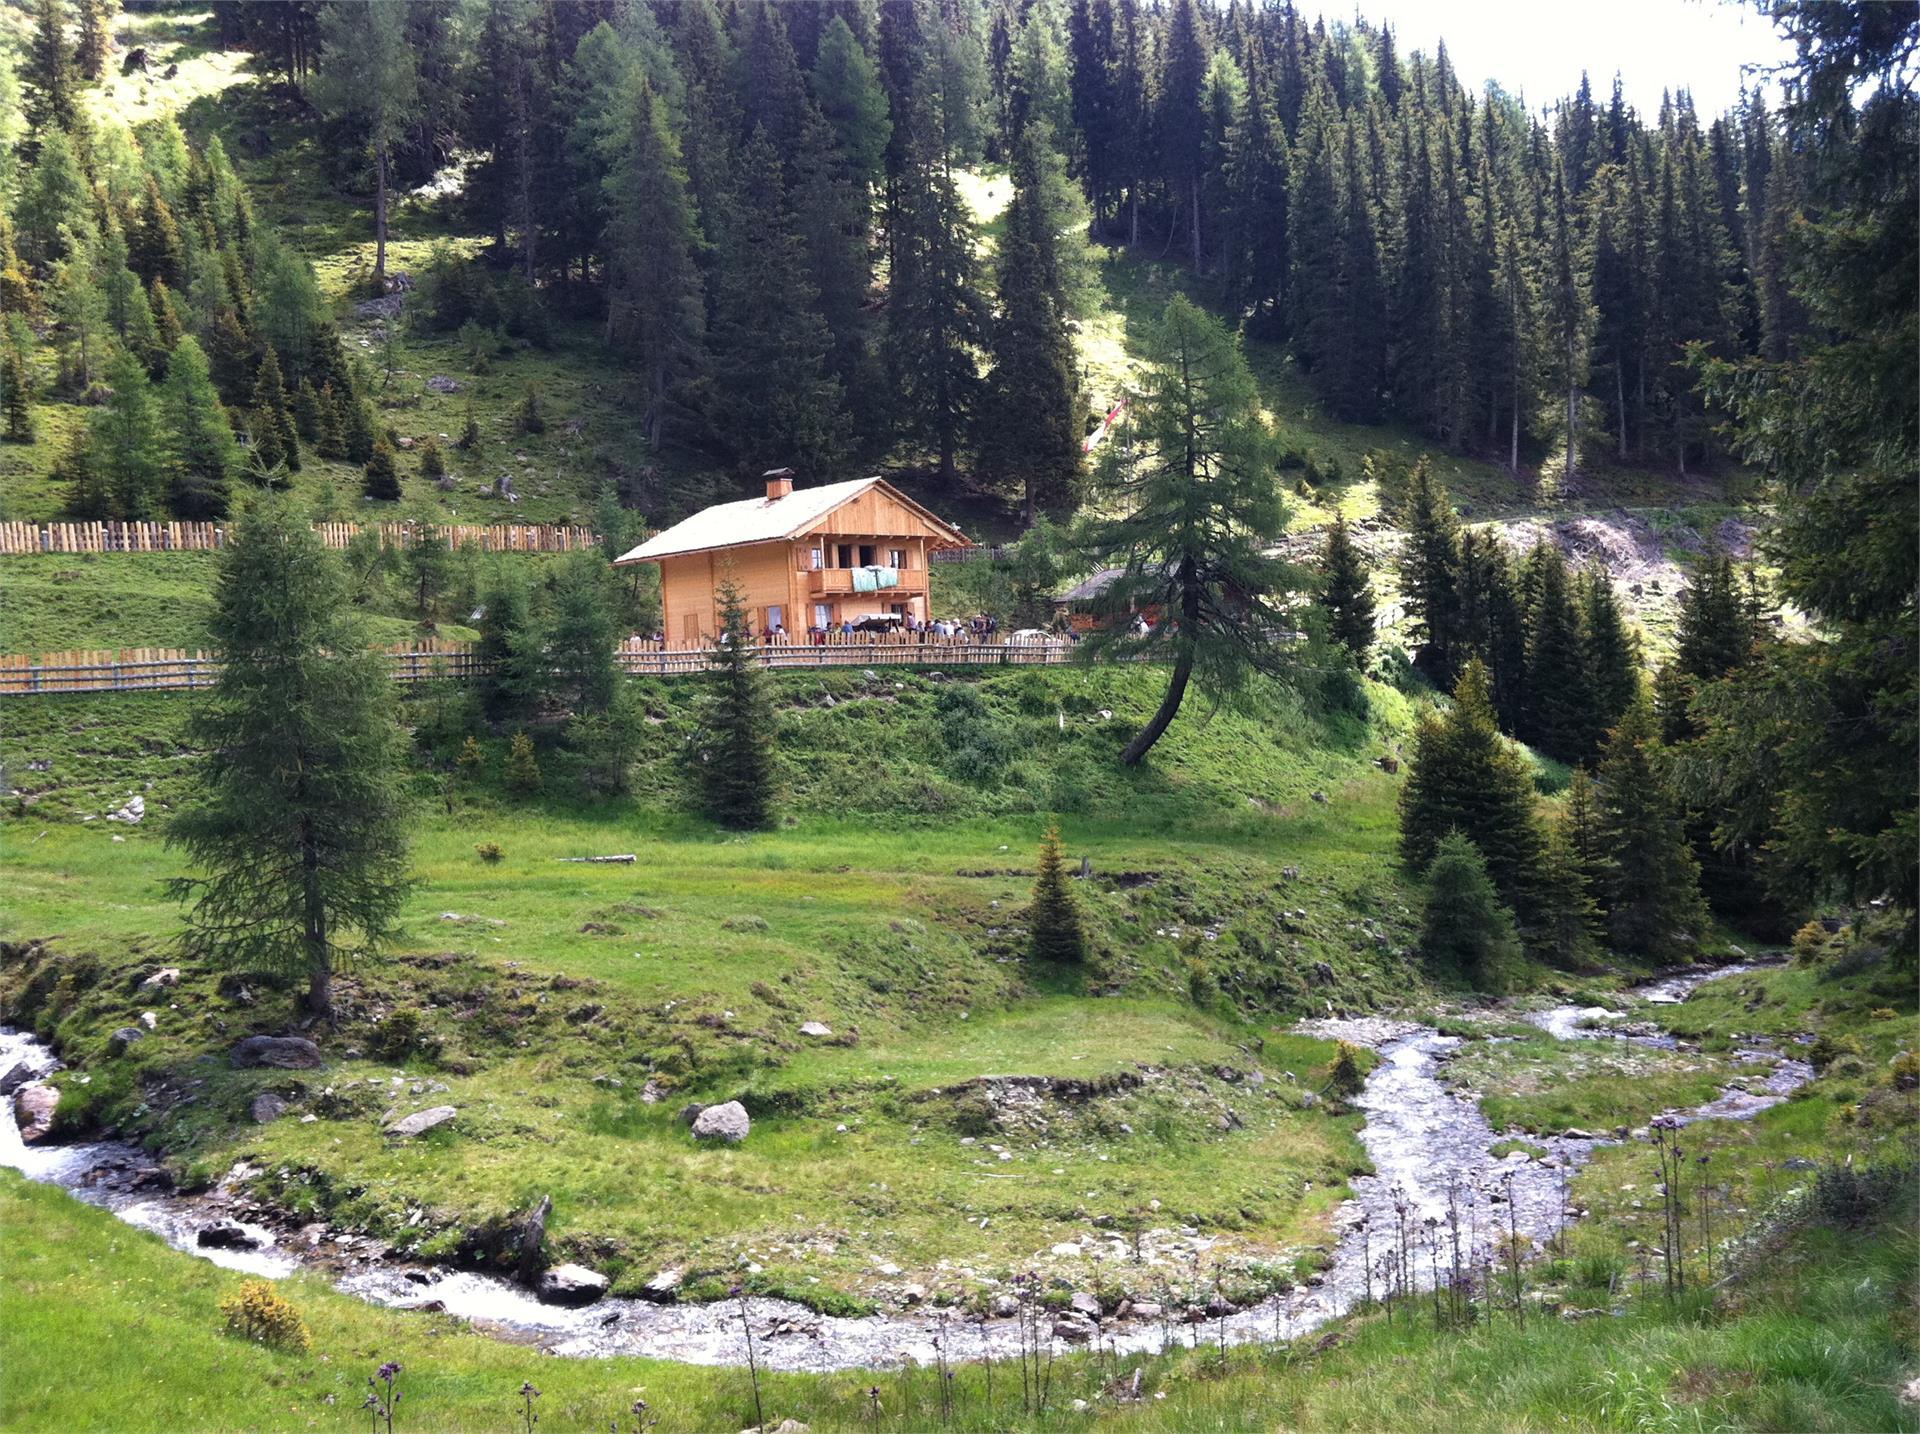 Sommerwanderung: Silvesteralm und Silvesterkapelle